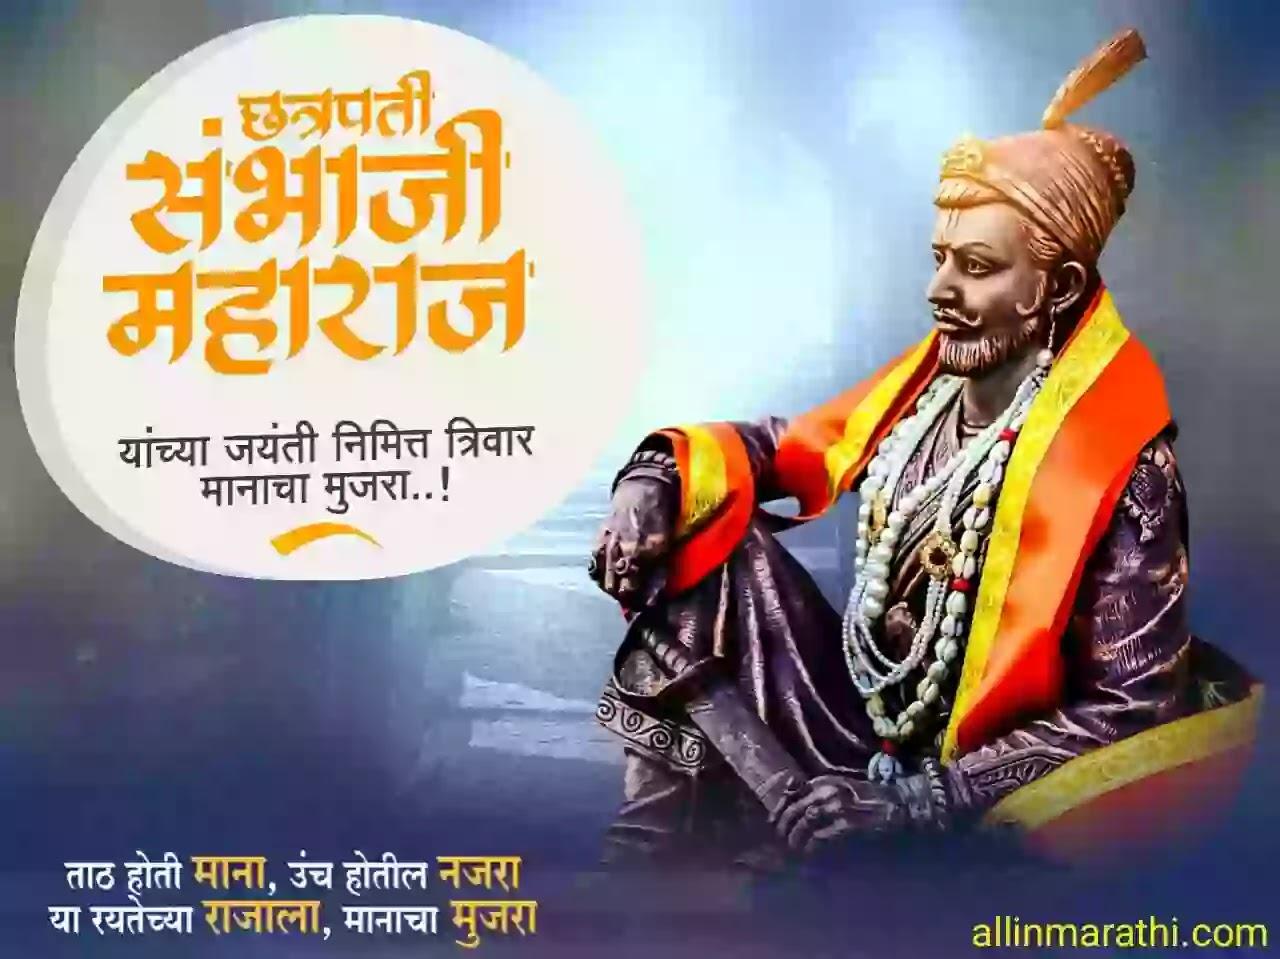 Chatrapati-sambhaji-maharaj-jayanti-status-marathi